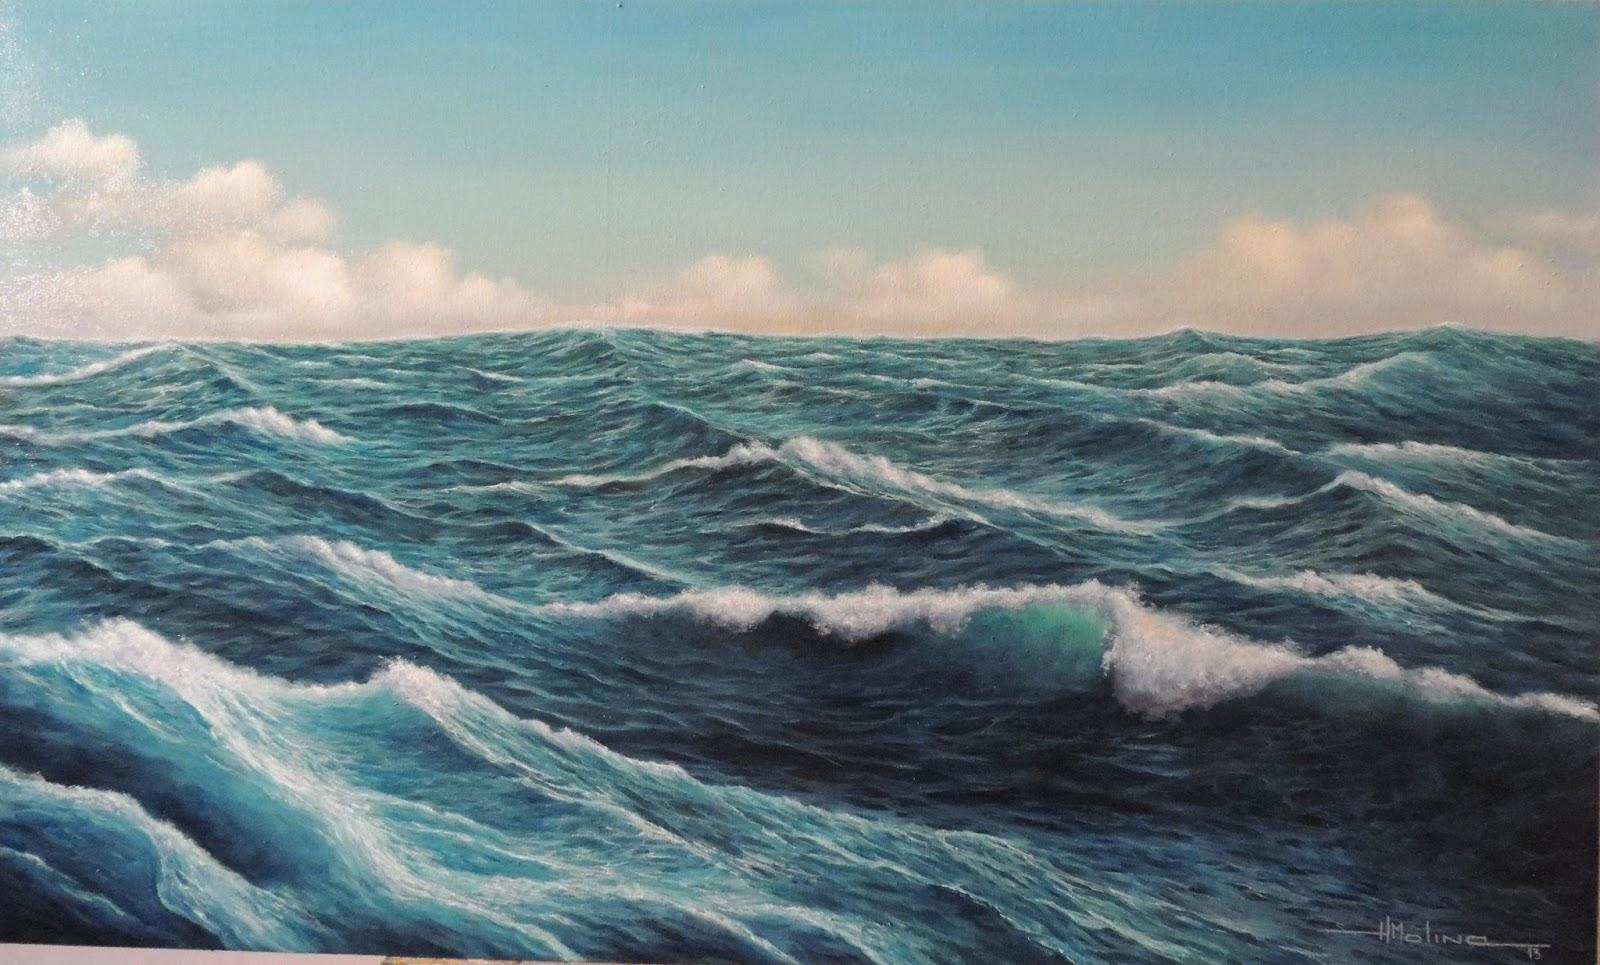 Mar Revolto Mar Revolto